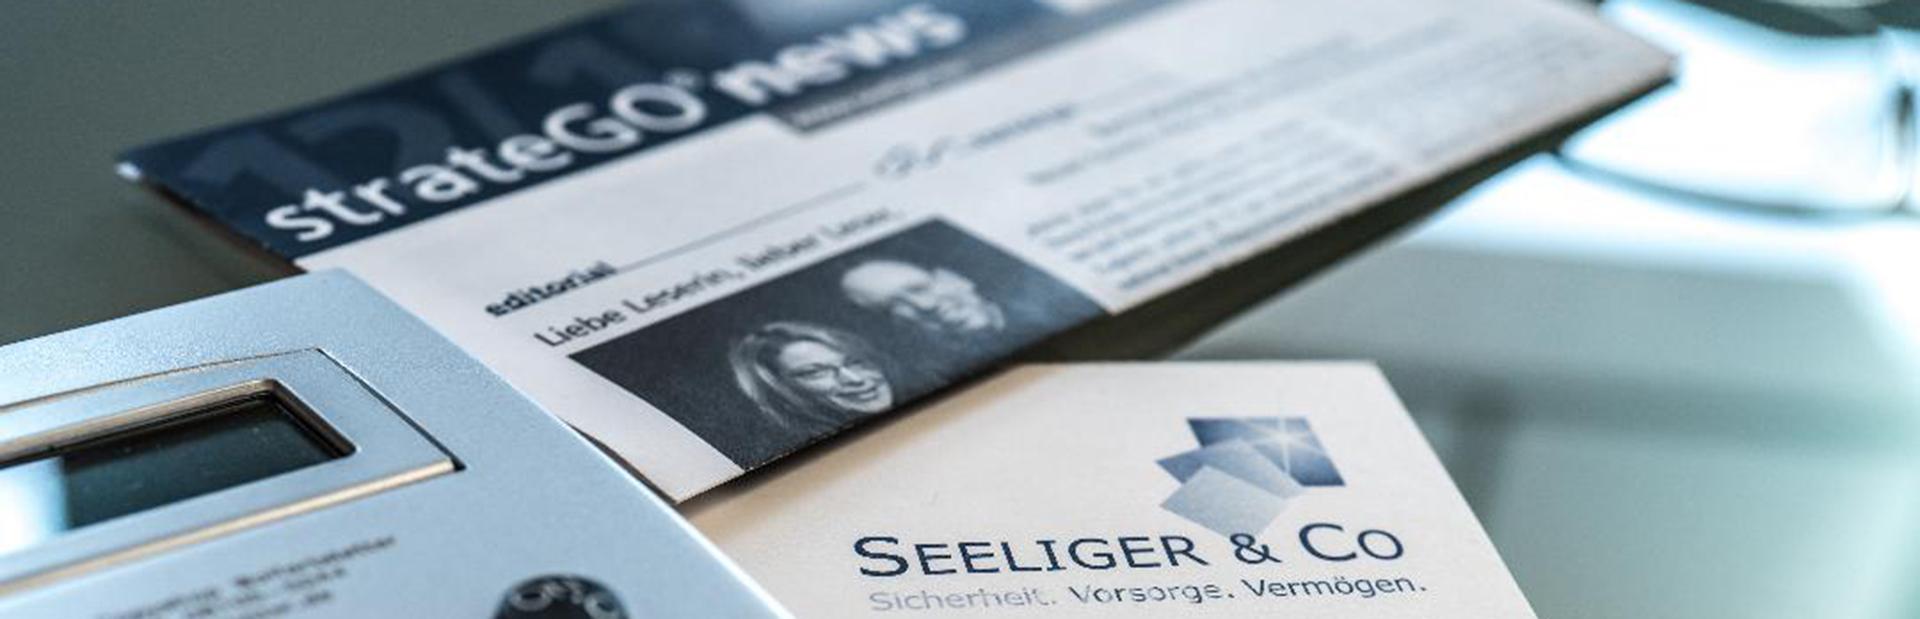 Seeliger & Co. GmbH - strateGOnews